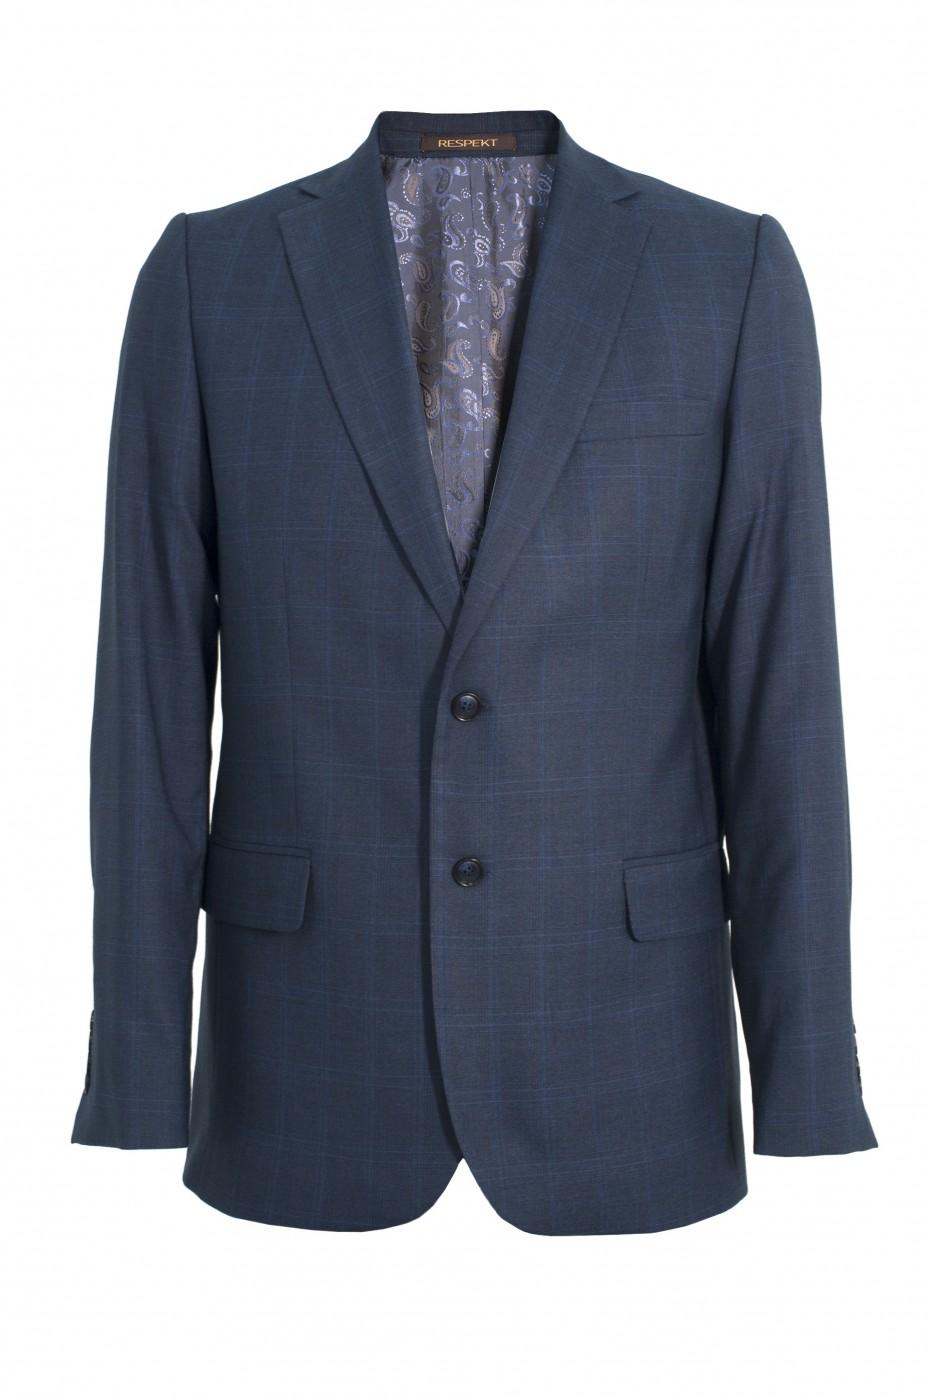 Тёмно-синий мужской пиджак в клетку 909 (18222-1682)